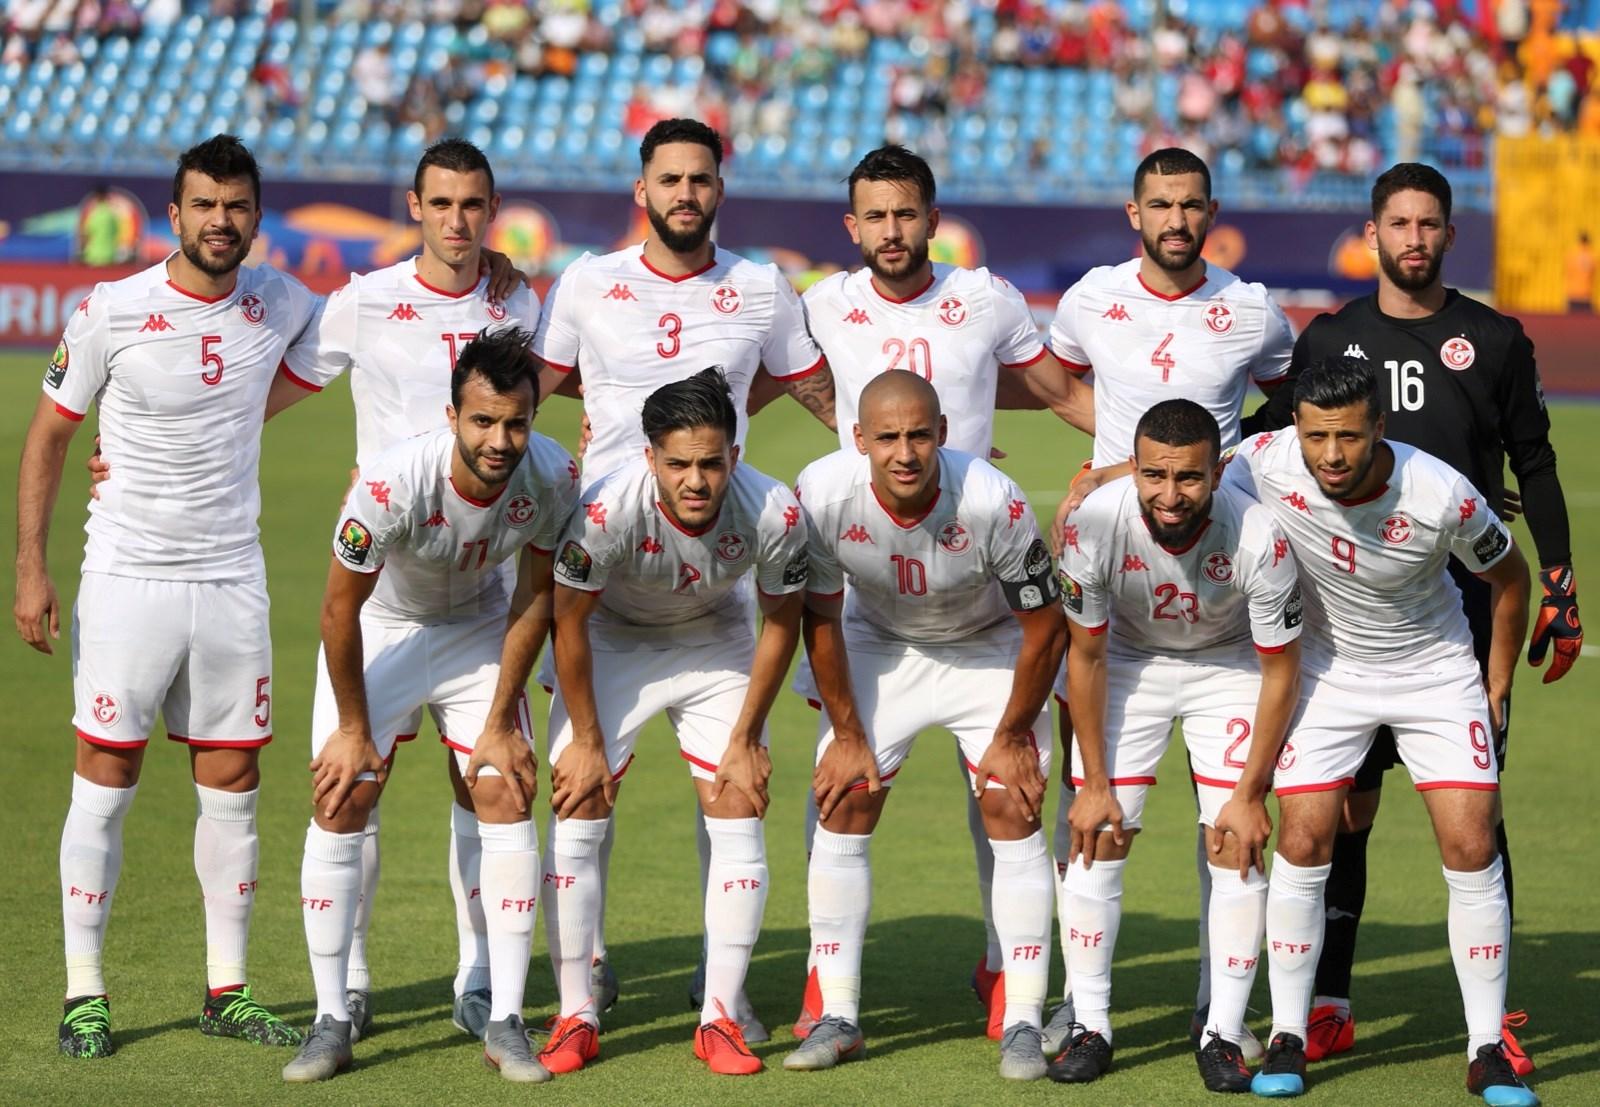 صور الشوط الأول بين المنتخب التونسي و المنتخب المالي